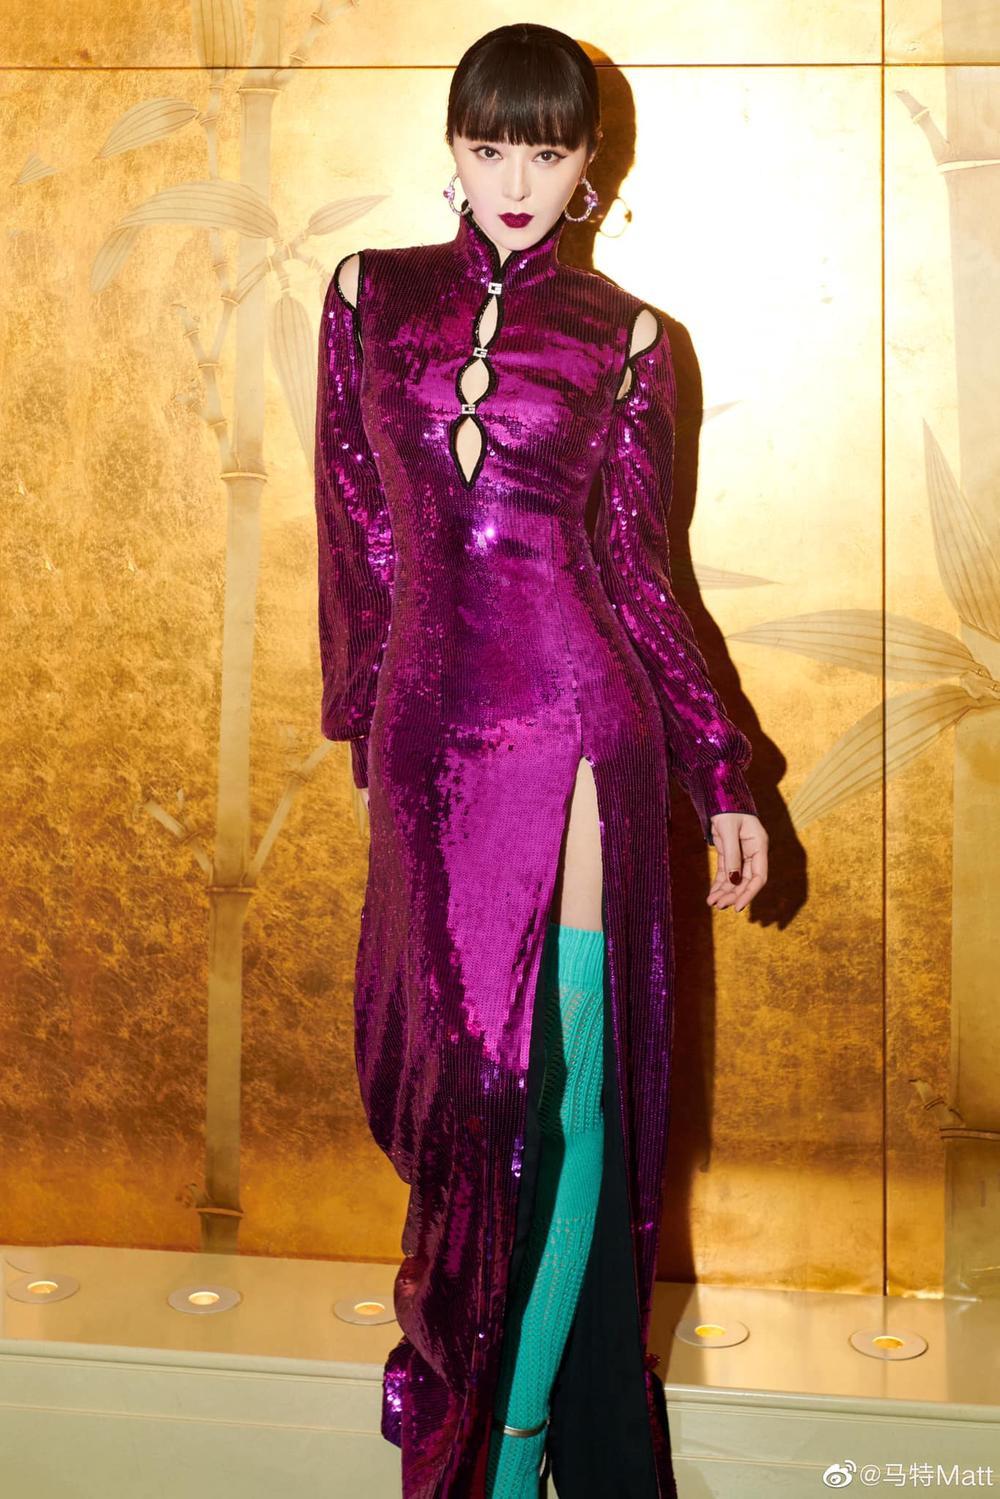 Chịu chơi như nữ hoàng thảm đỏ Phạm Băng Băng, mix váy tím lịm với tất xanh lét nổi bật tại sự kiện Ảnh 3